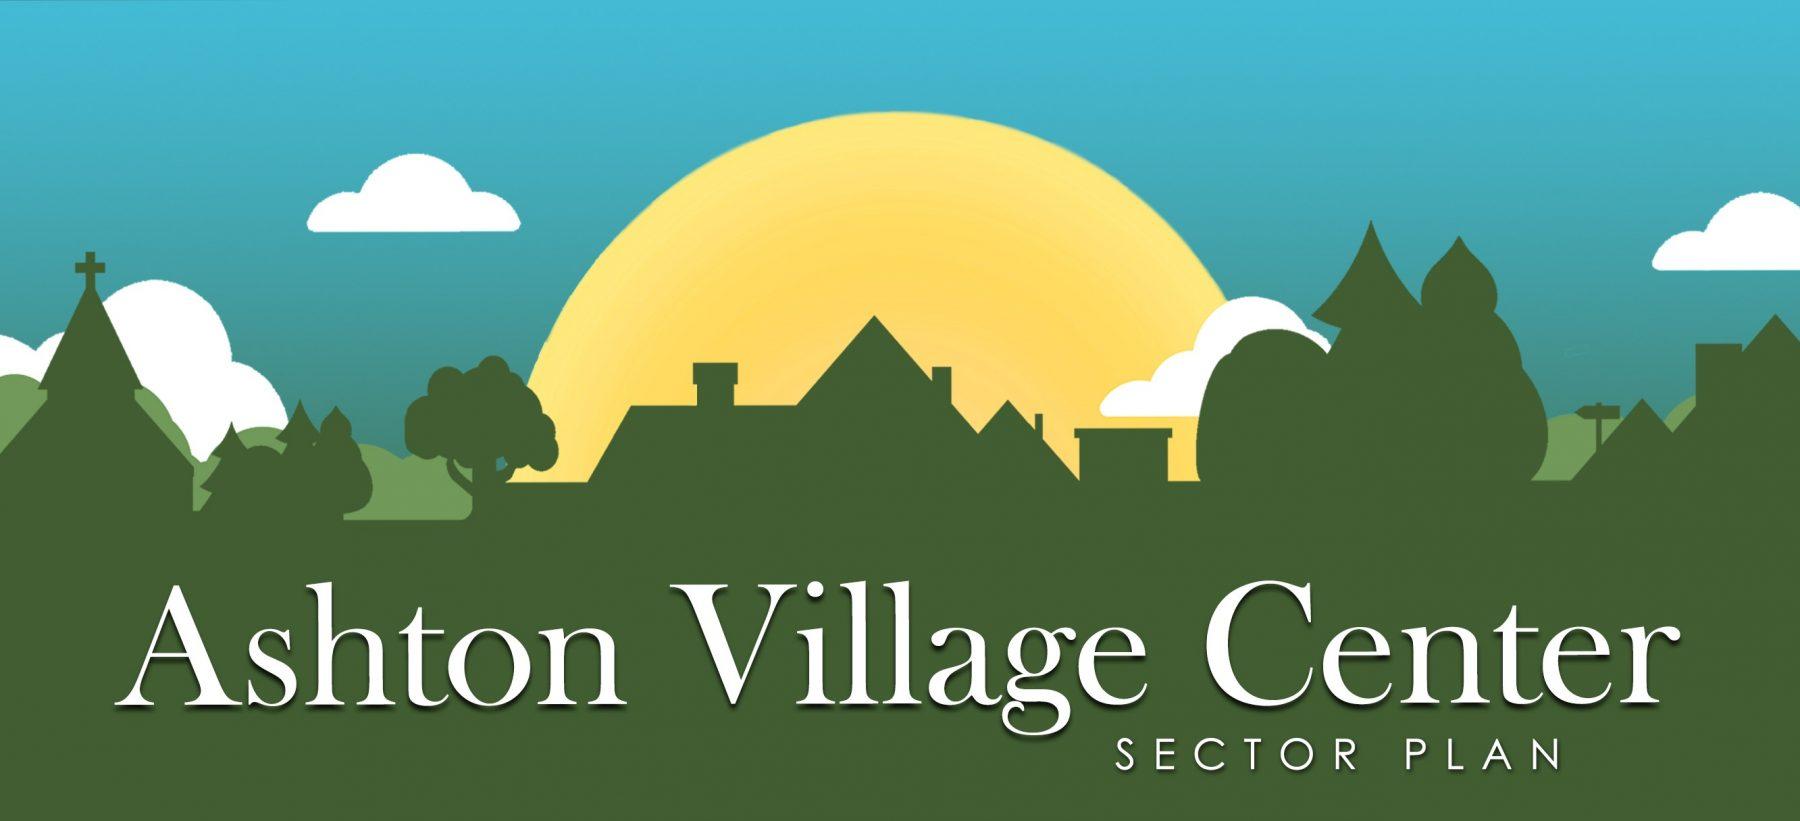 Ashton Village Center Sector Plan Logo